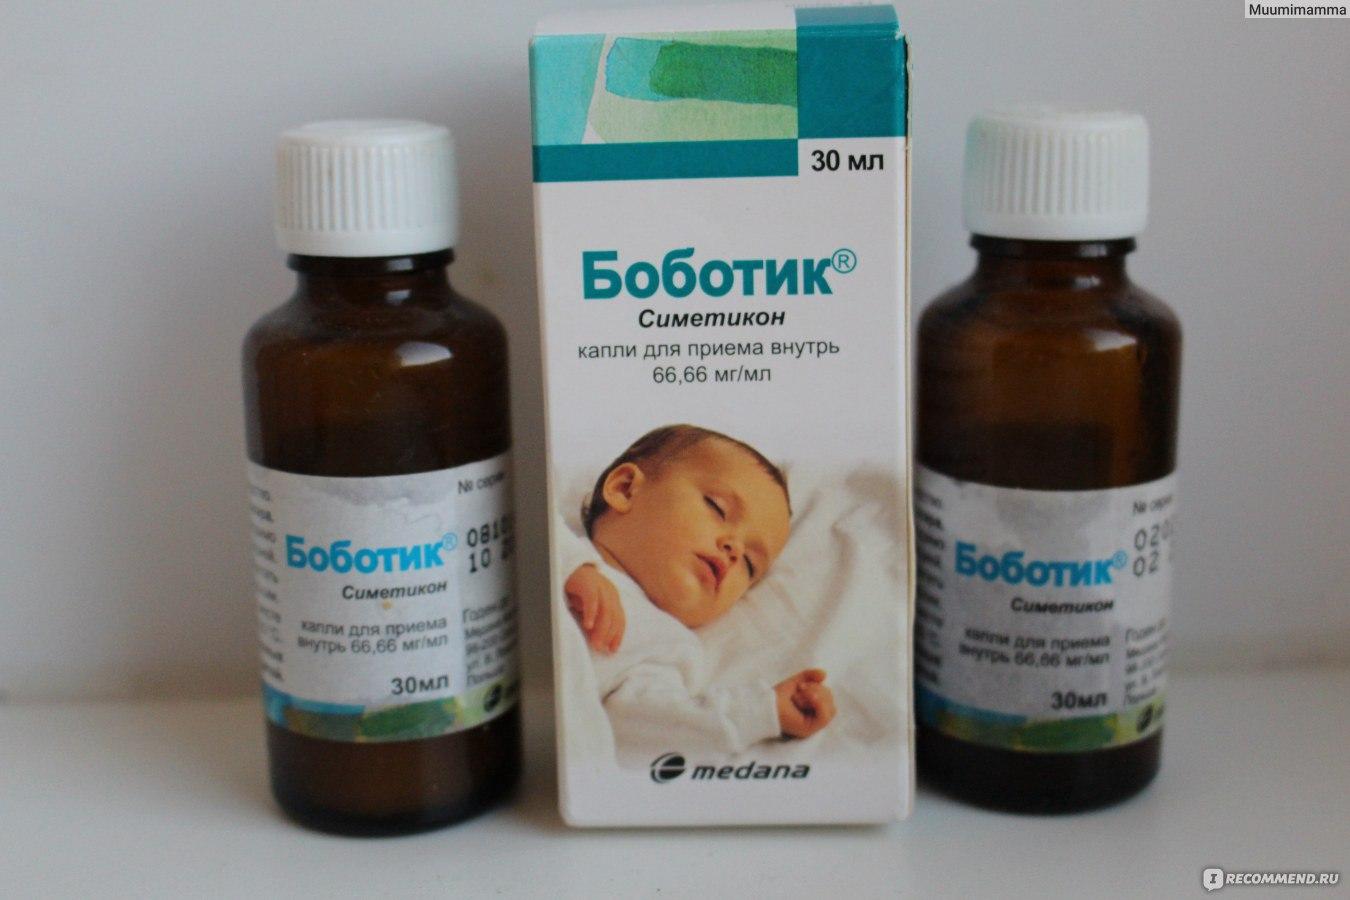 Боботик - инструкция, показания, состав, способ применения капель для новорожденных от коликов